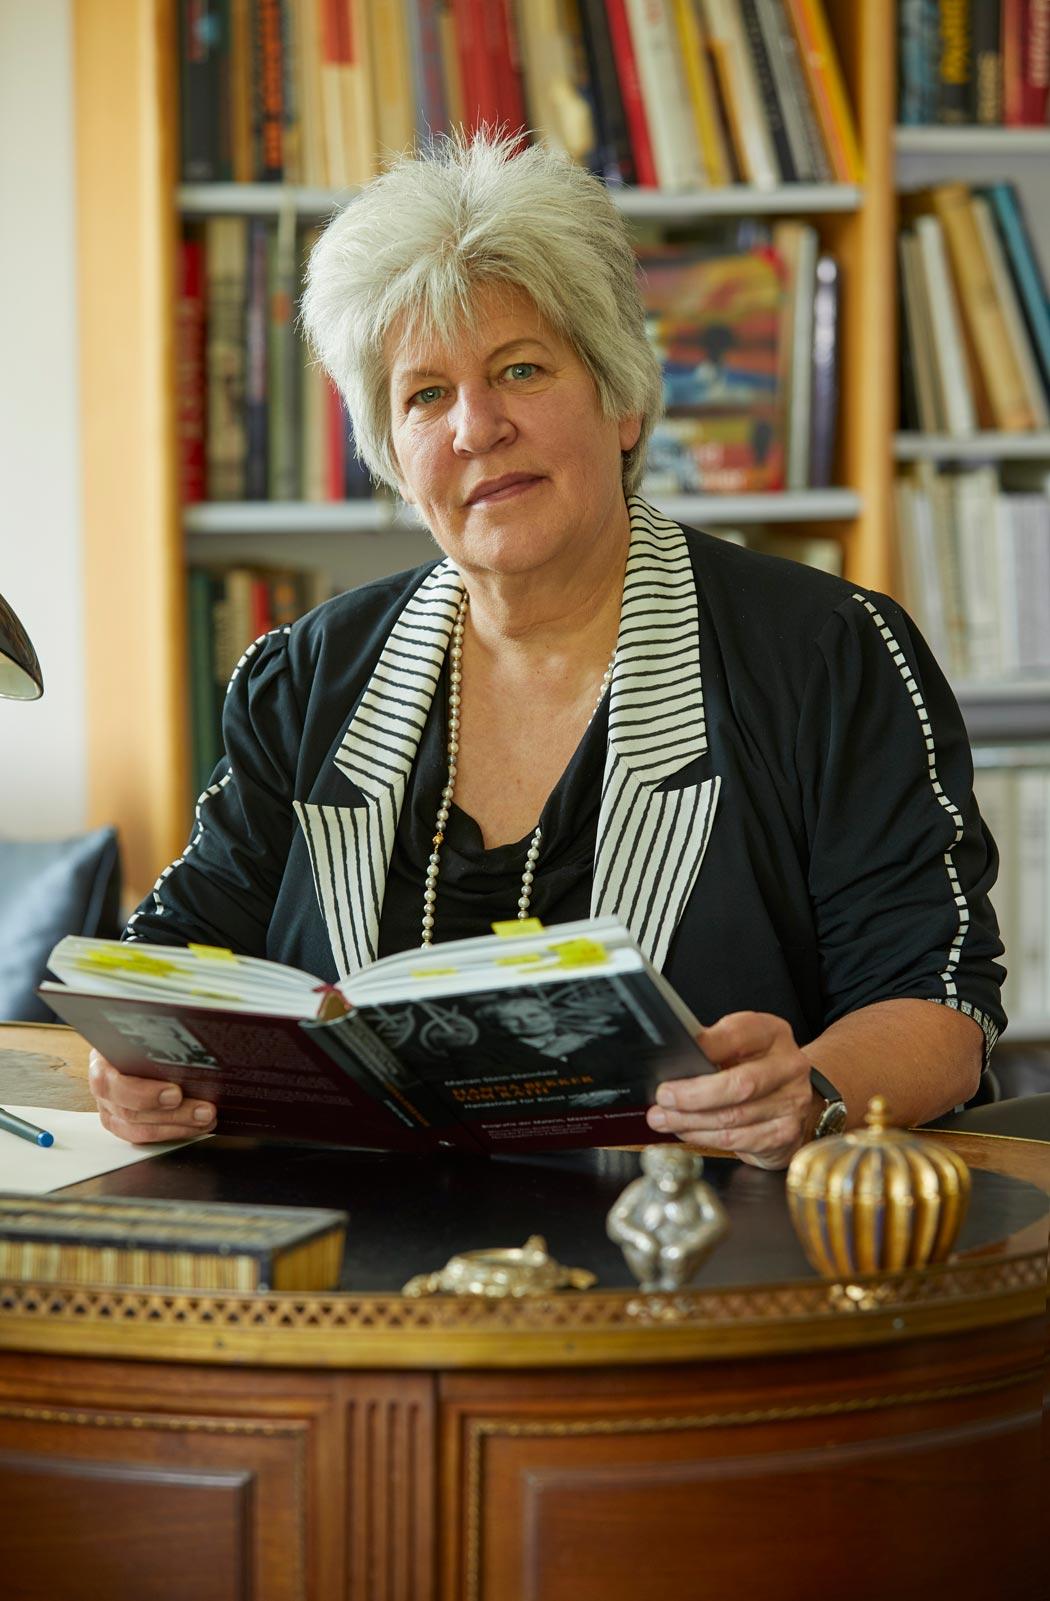 Marian Stein-Steinfeld hat das Archiv Hanna Bekker vom Rath aufgebaut und ihre Großmutter nun in einer Biografie gewürdigt. (Foto: Fotostudio Herbert Fischer Frankfurt)